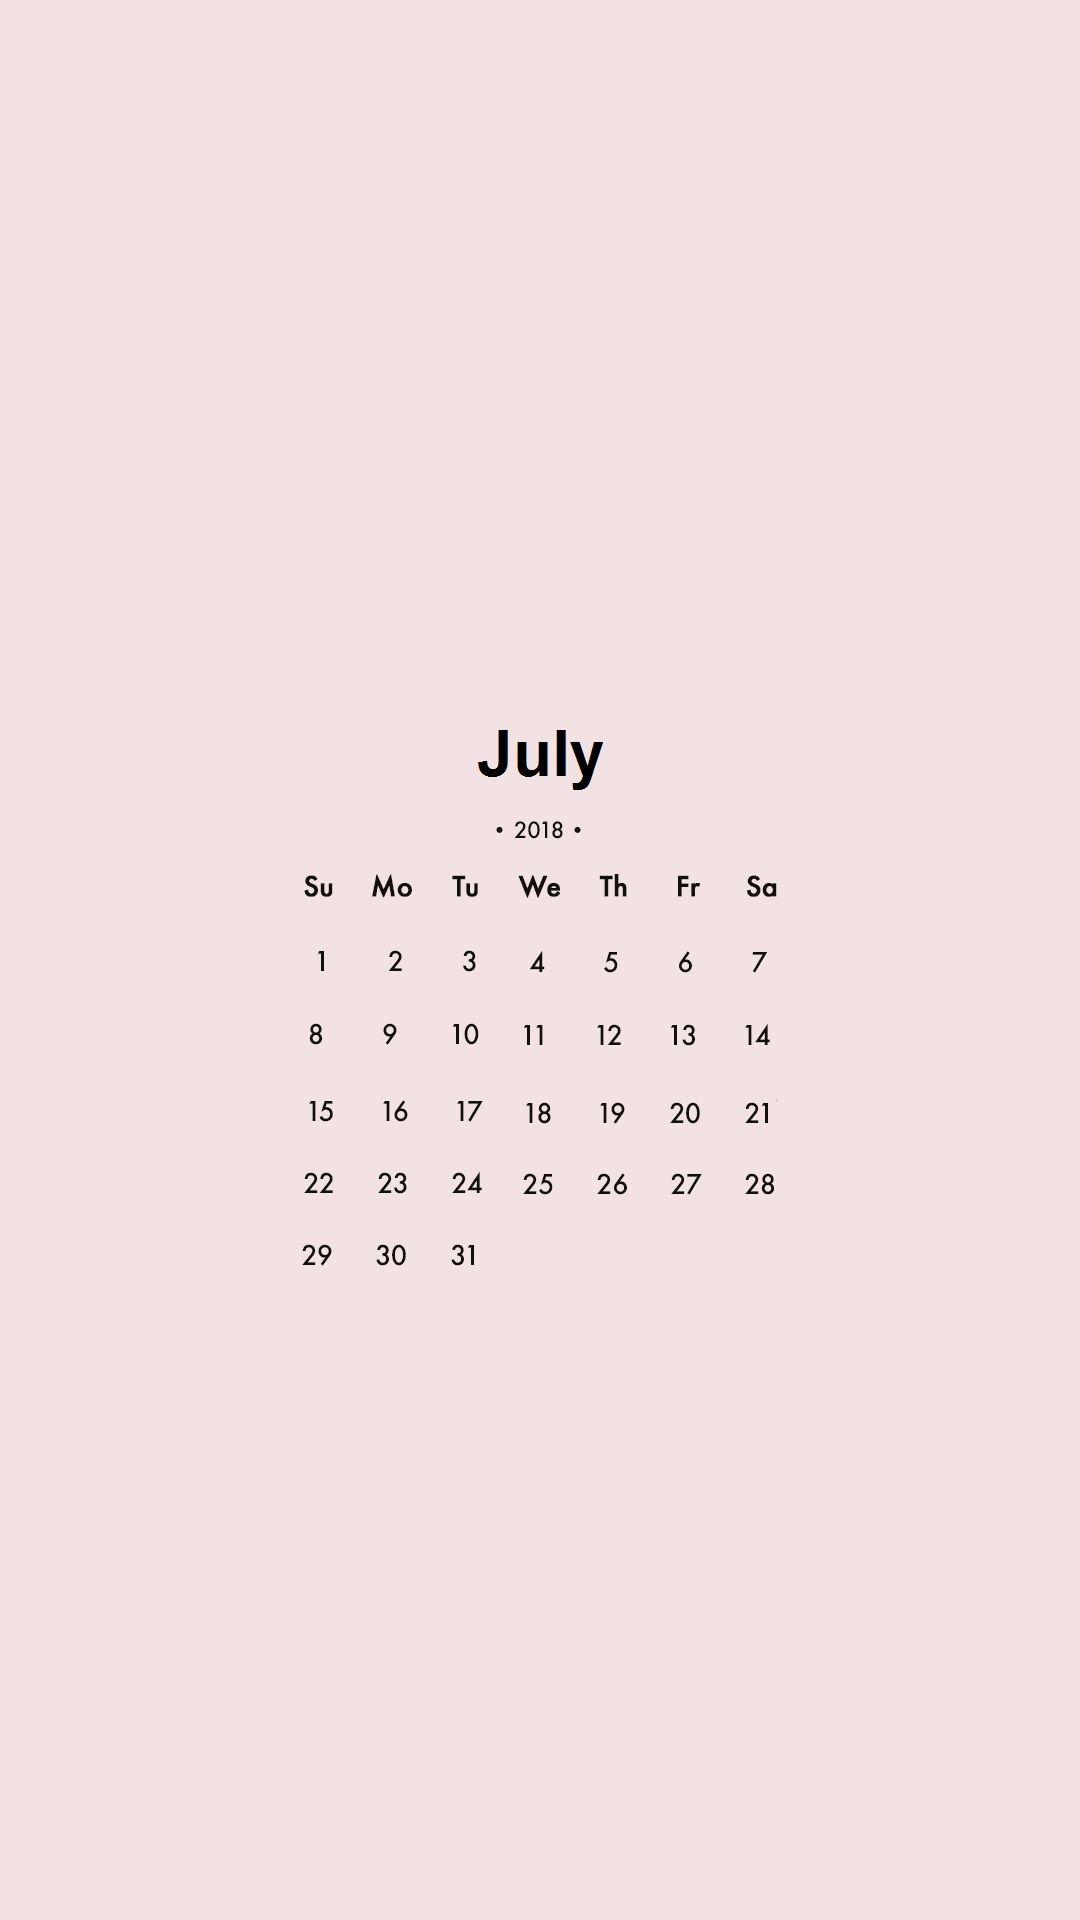 July 2018 iPhone Calendar Quote art Pinterest Calendar 1080x1920